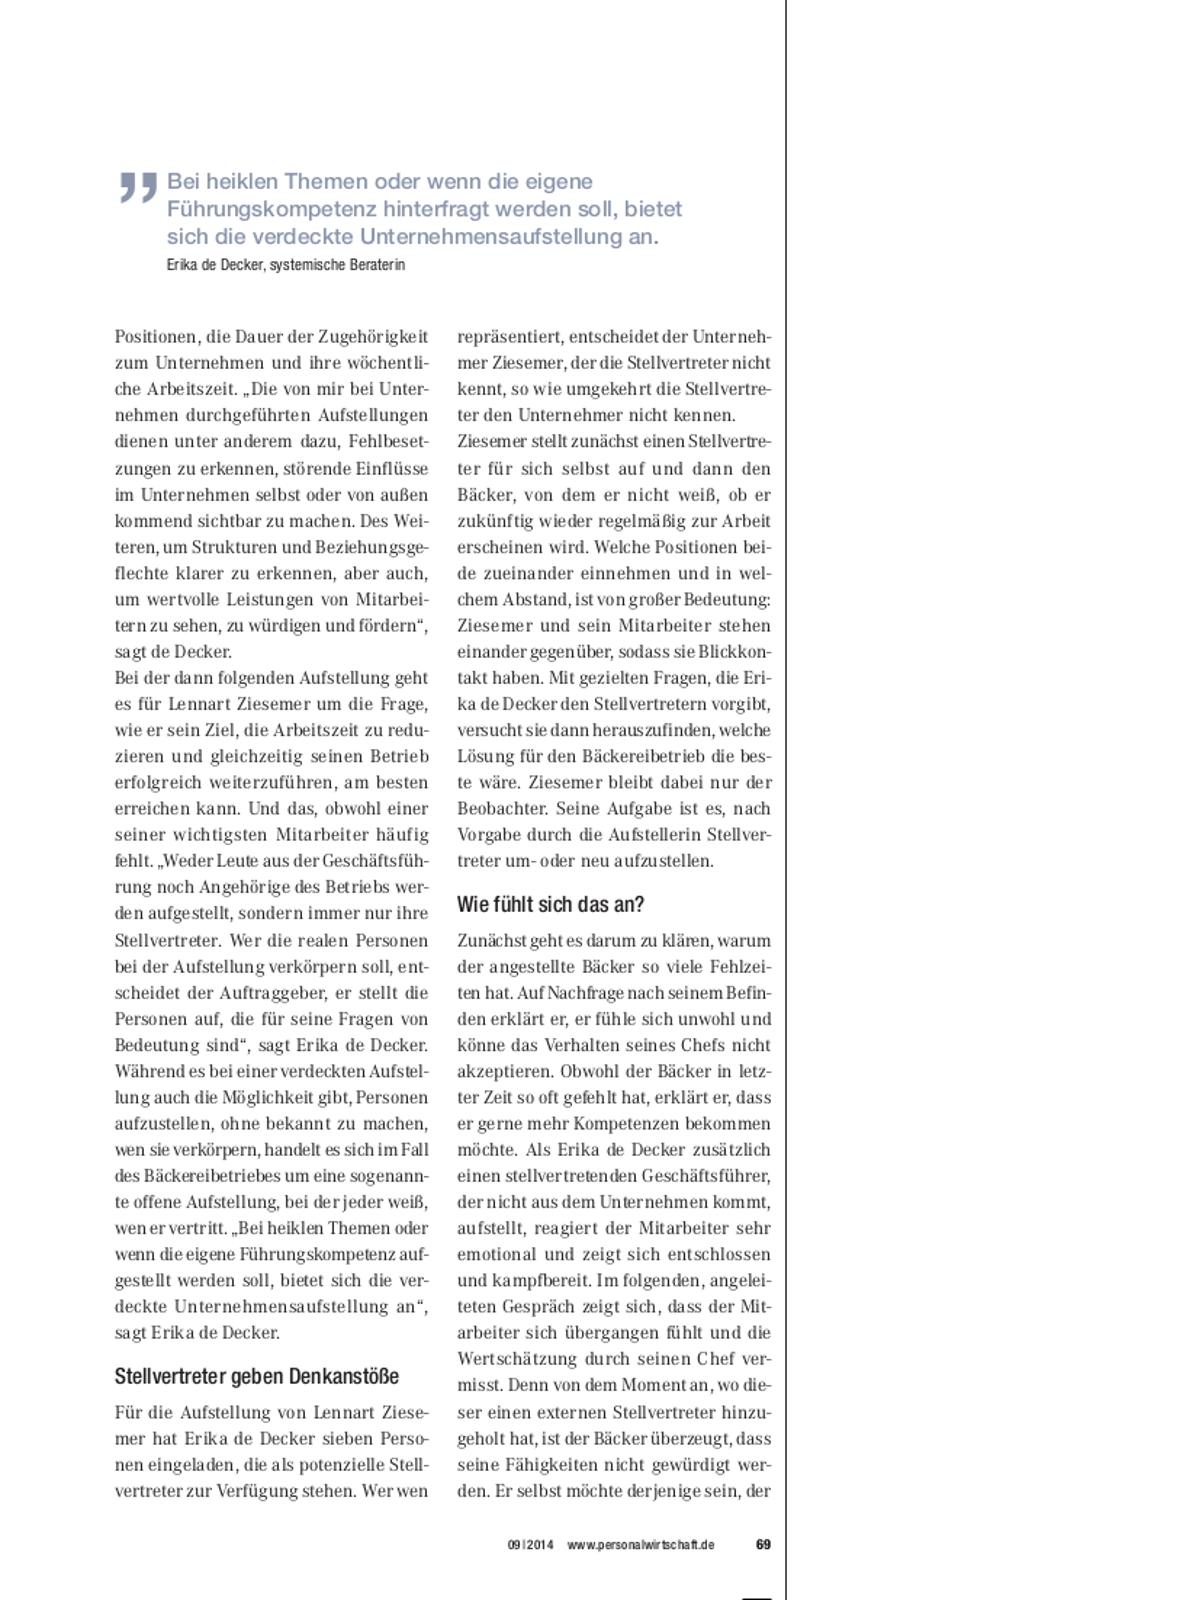 Seite2-Personalwirtschaft pw-0914-68-70-systemische-beratung